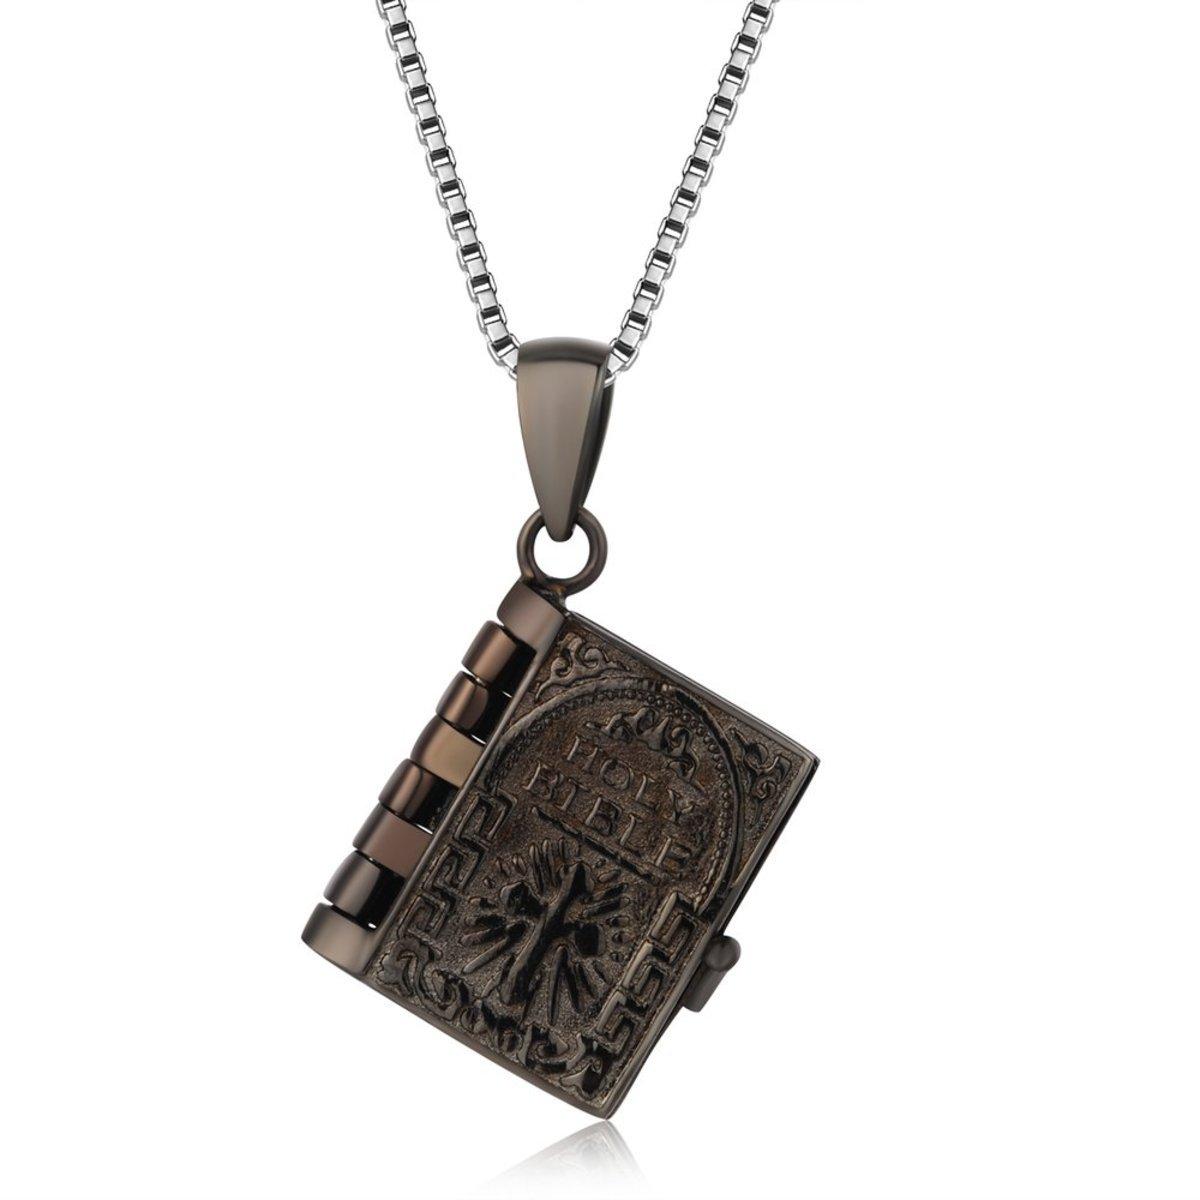 「神秘聖經」聖經項鏈 - 925 純銀